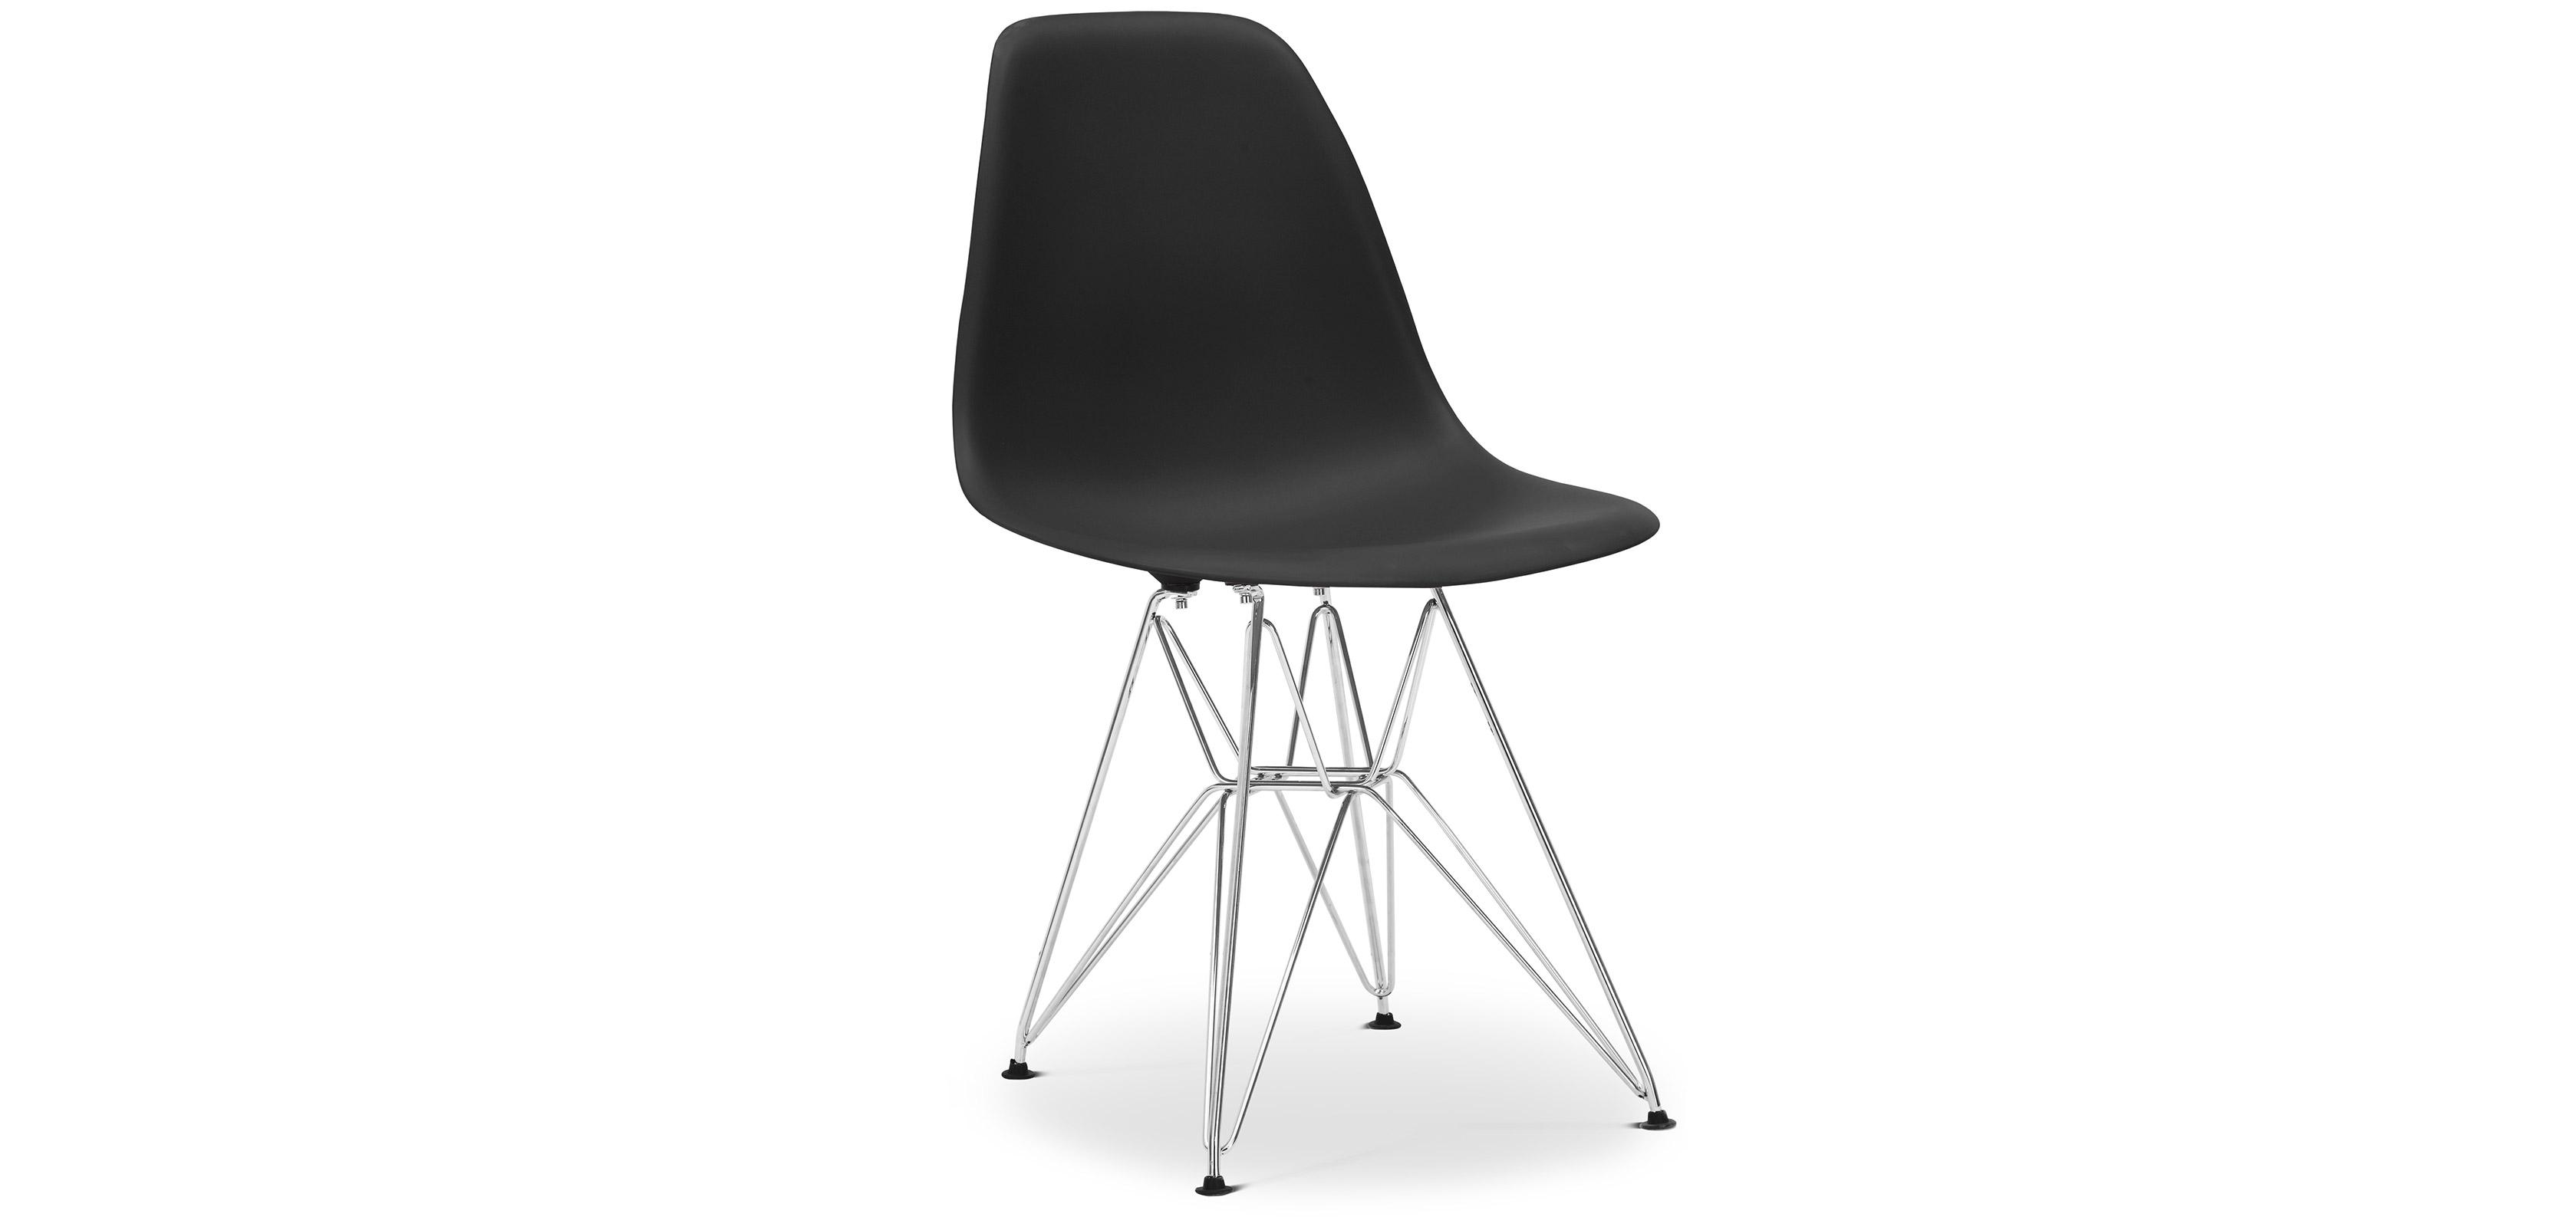 dsr stuhl charles eames. Black Bedroom Furniture Sets. Home Design Ideas